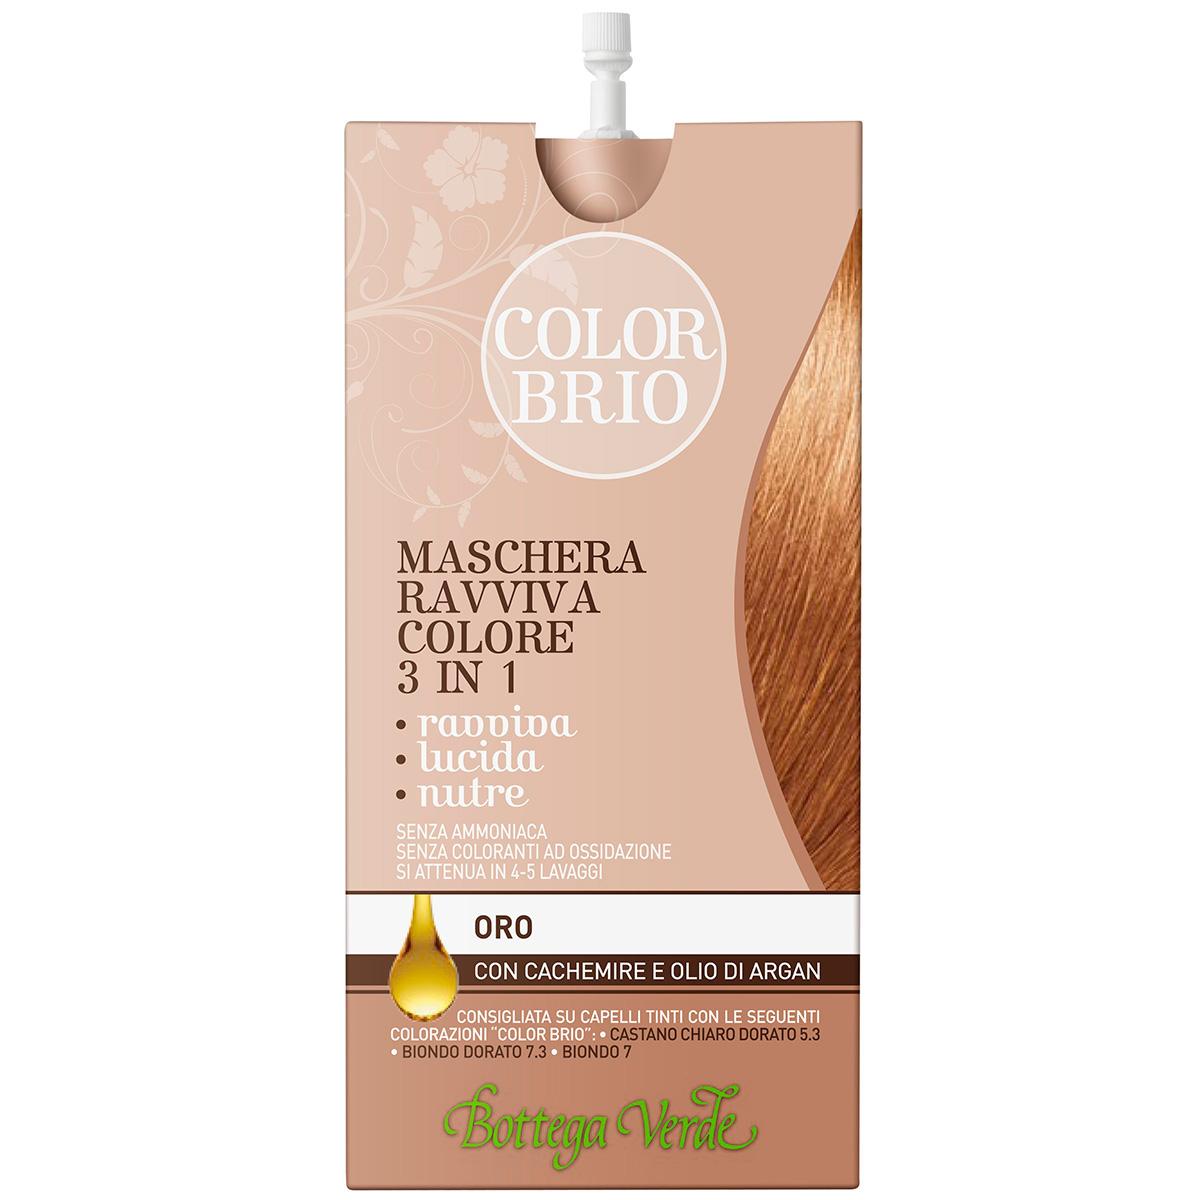 Color Brio - Masca iluminatoare 3 in 1 cu casmir si ulei de argan